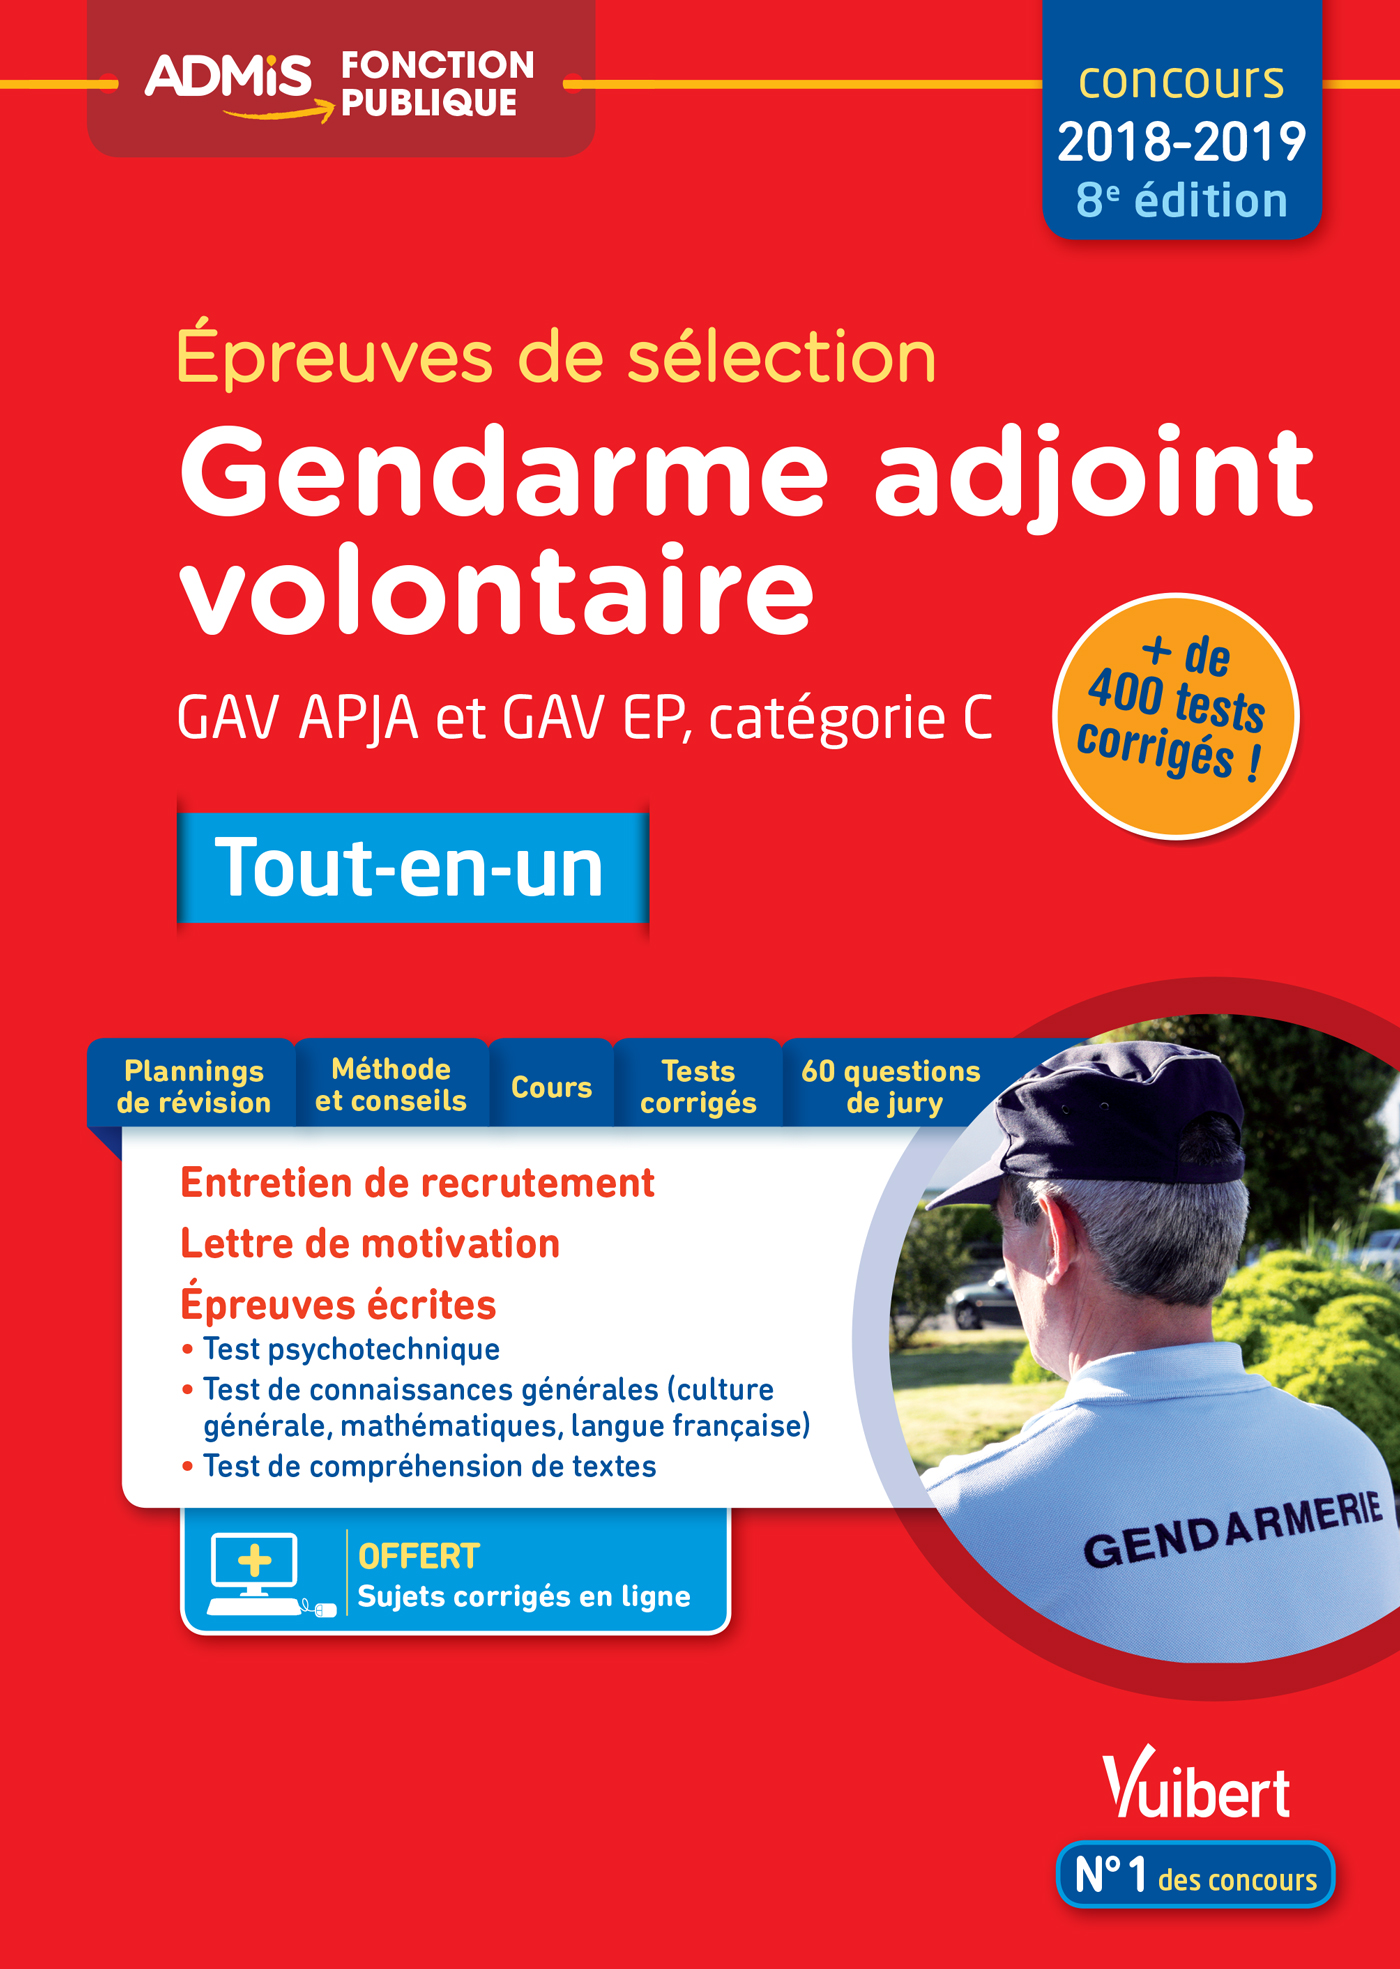 lettre de motivation pour gendarmerie adjoint volontaire